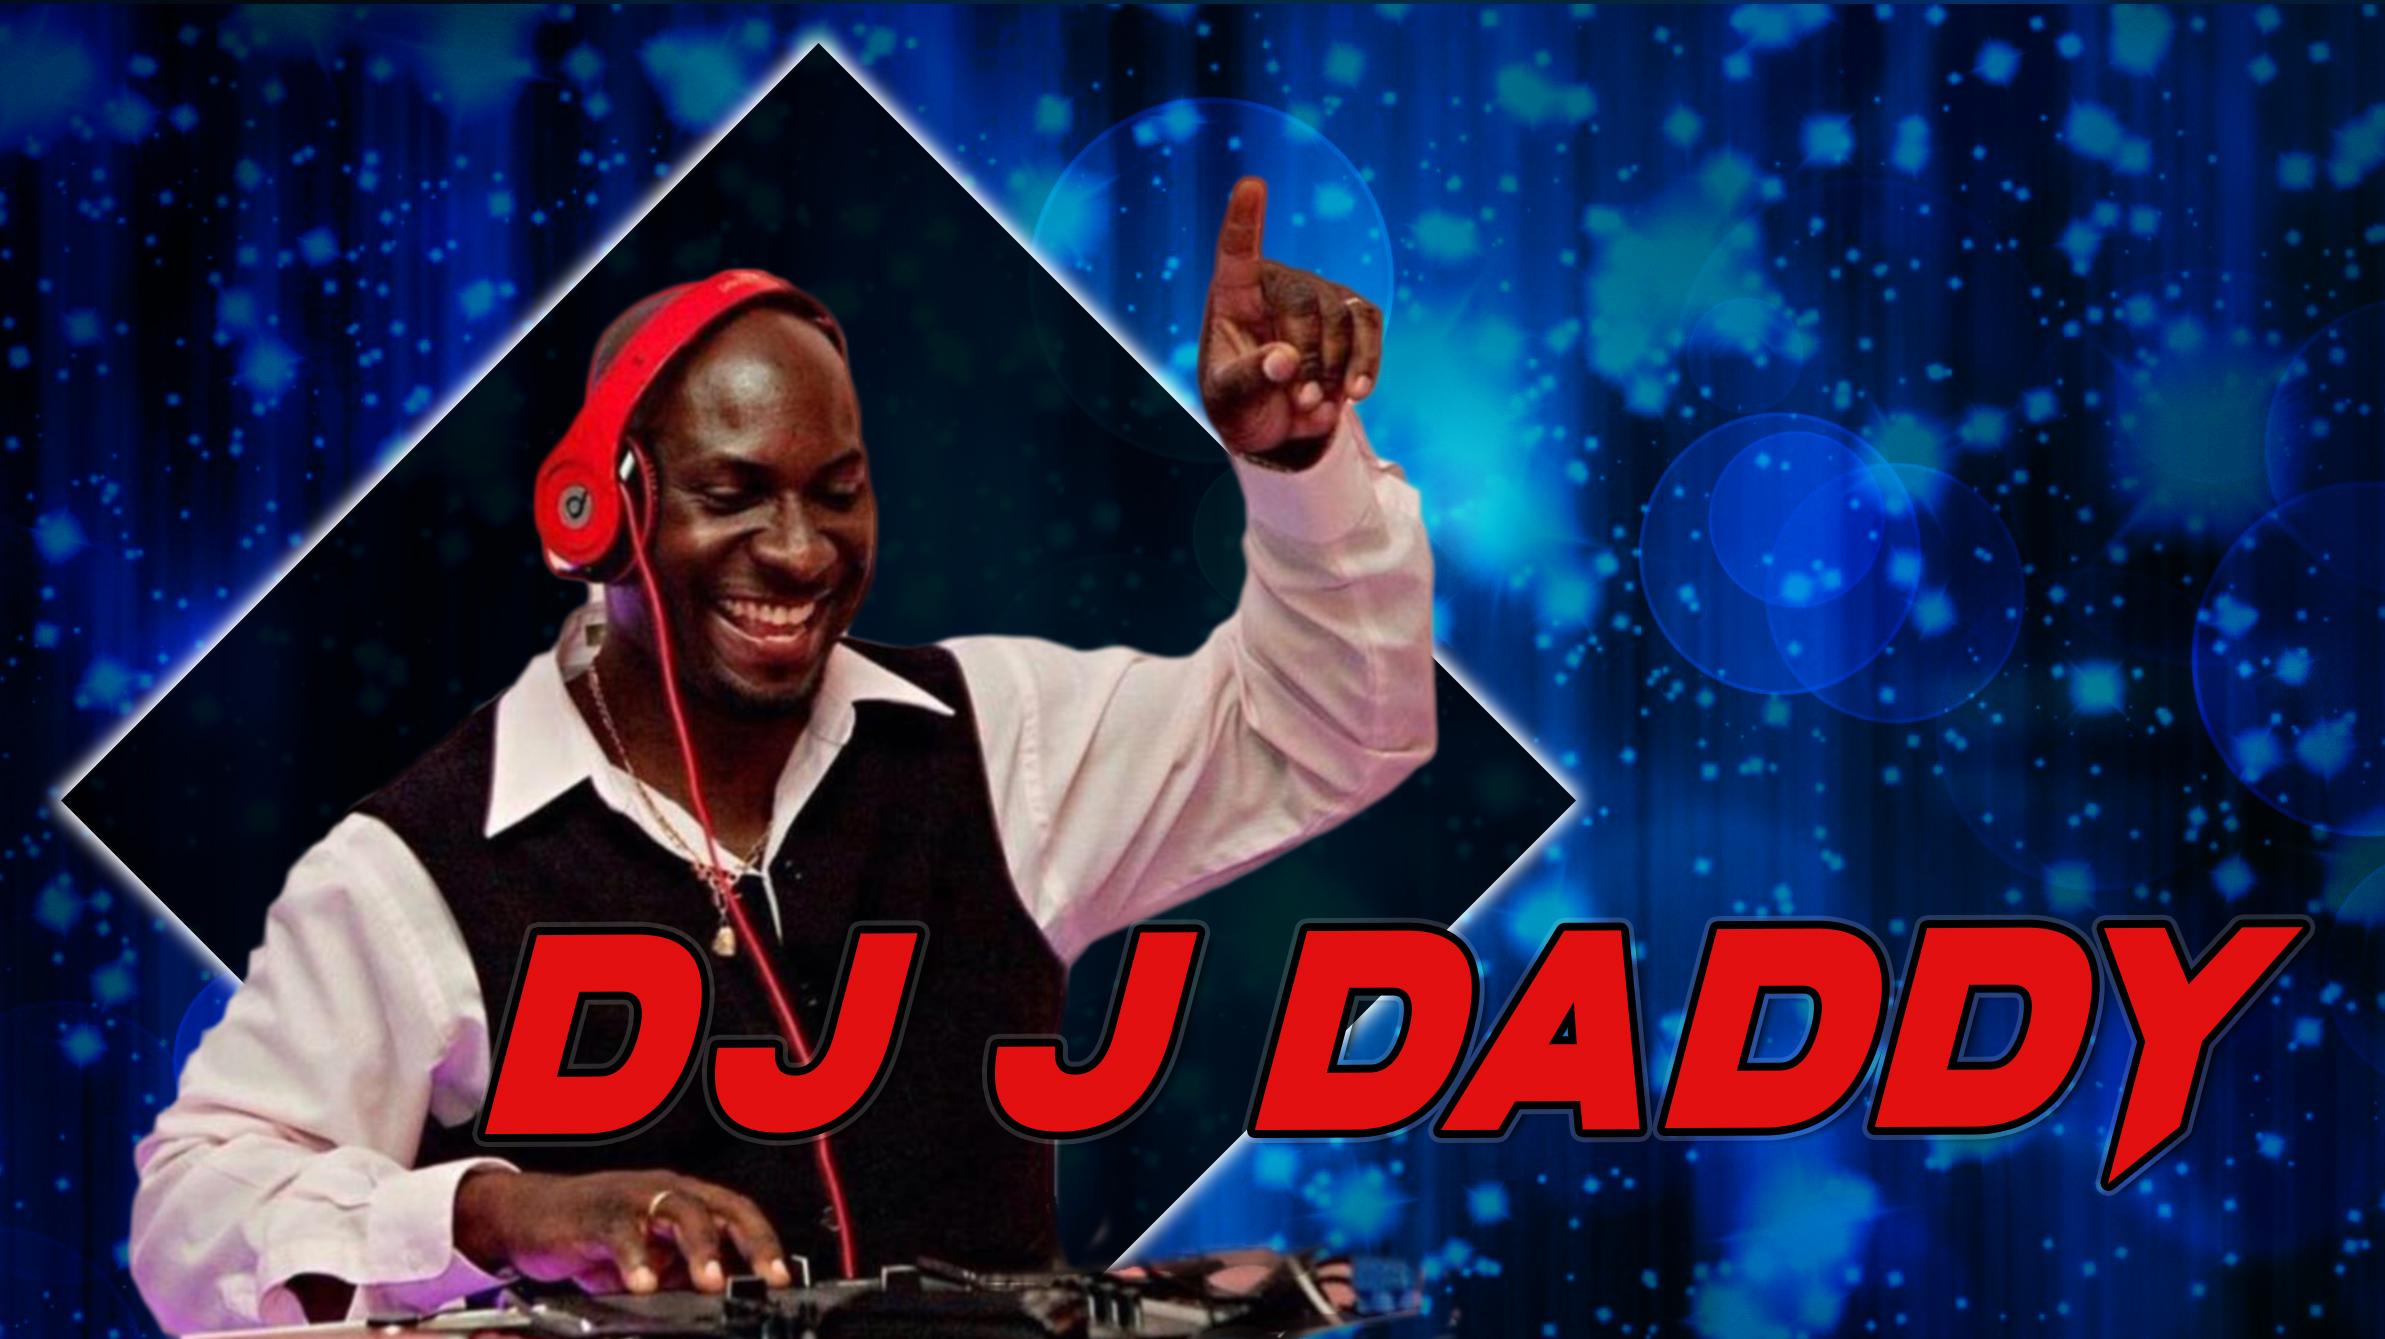 DJ_J_Daddy